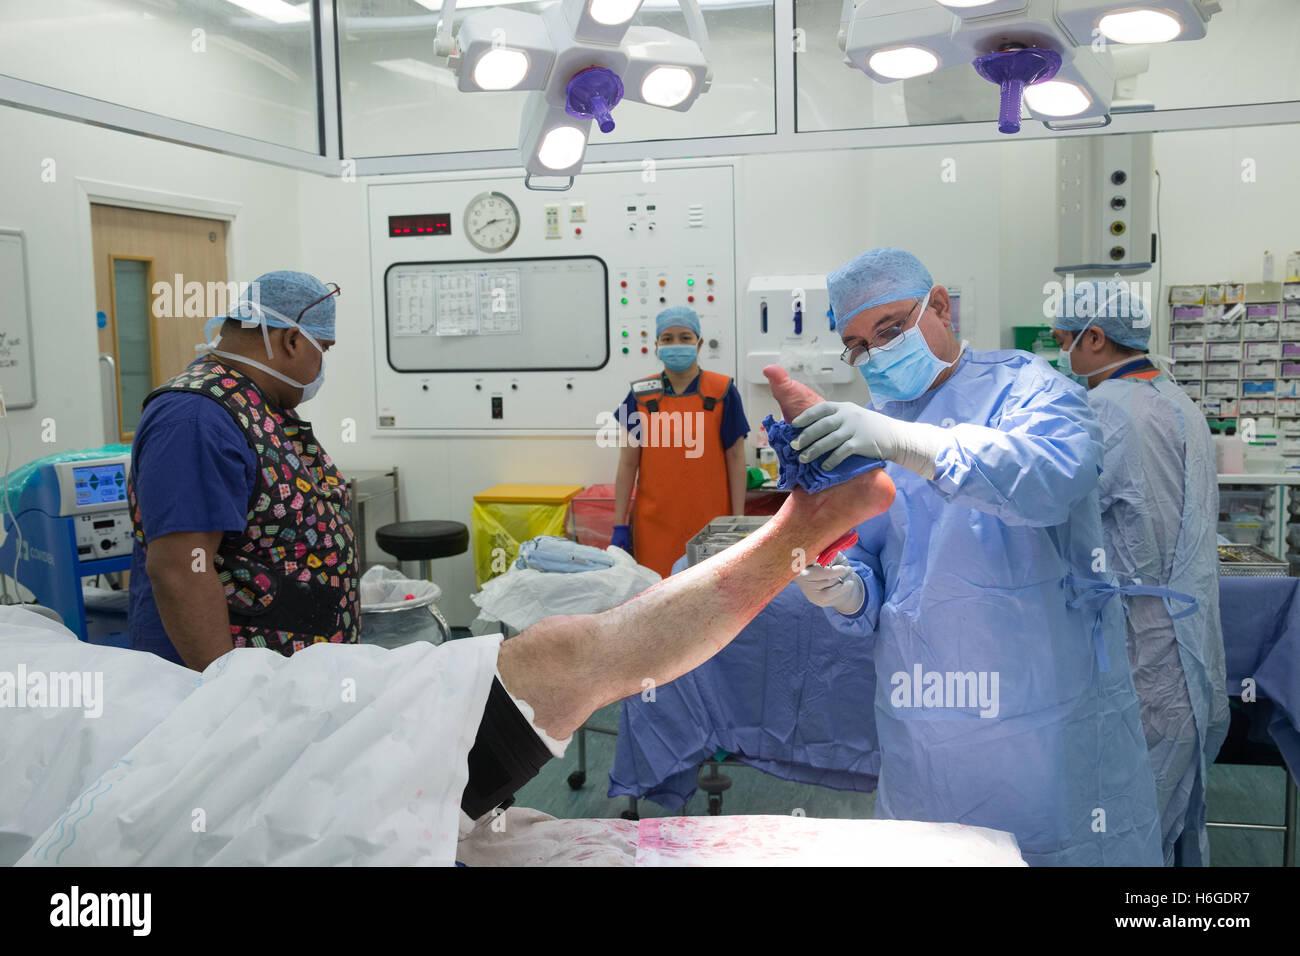 Ein Chirurg und Personal vorbereiten ein Patienten für eine Operation vor der Durchführung einer offenen Stockbild